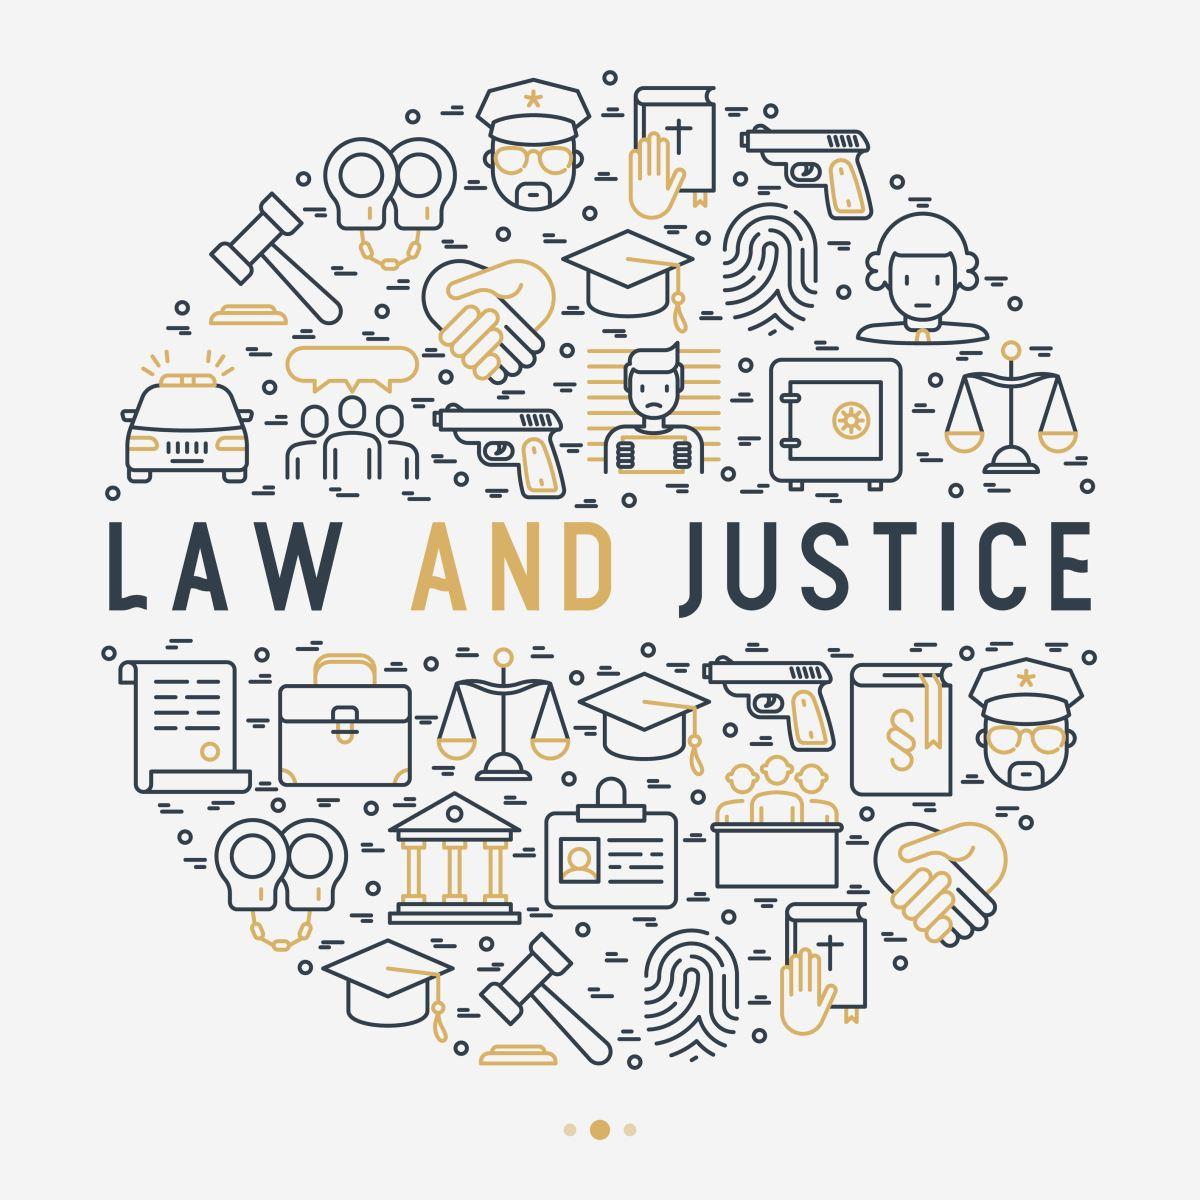 Máte nápad na inovativní byznys, ale bojíte se zákonů? Zkuste se s úřadem dohodnout, navrhuje Tomáš Babáček